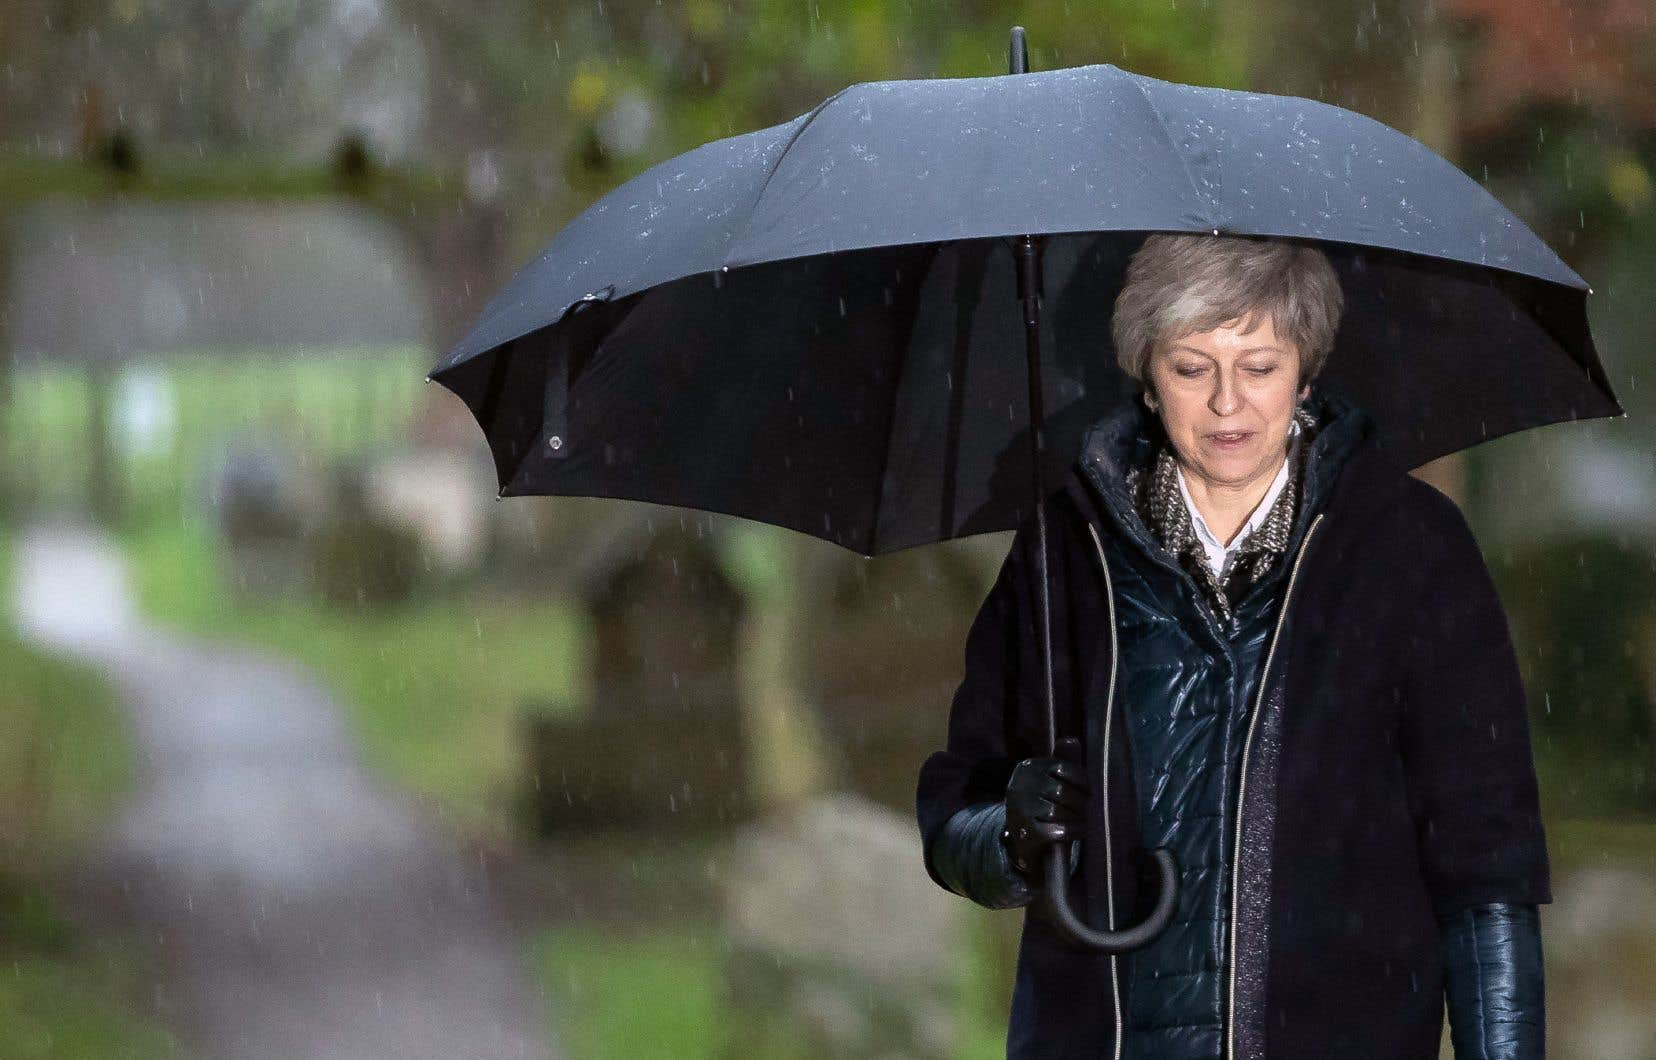 Theresa May veut entrer dans l'histoire en tant que première ministre qui a su faire sortir le Royaume-Uni de l'Union européenne.